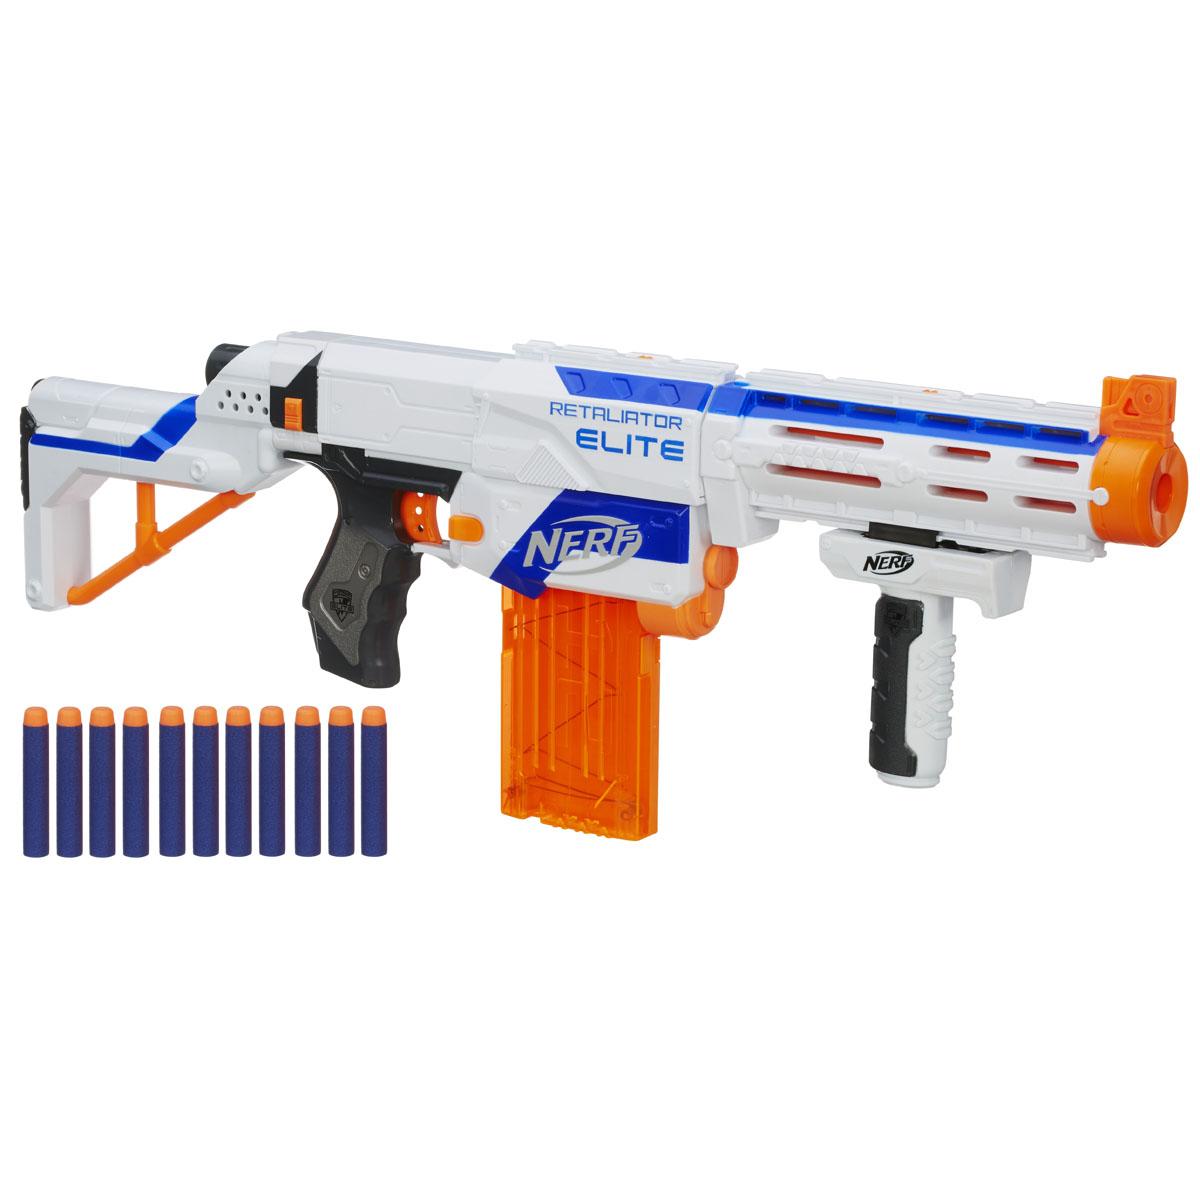 Nerf Бластер Retaliator, с патронами, цвет: белый, 4 в 198696E35Бластер Nerf Retaliator позволит вашему ребенку почувствовать себя во всеоружии! Бластер выполнен из безопасного пластика и снабжен съемными прикладом и стволом, обоймой и крепежной ручкой - таким образом, его можно трансформировать в 4 различных типа оружия. Комплект включает в себя элементы для сборки бластера и 12 патронов, выполненных из гибкого вспененного полимера. Бластер стреляет на расстояние до 20 метров. Такая игрушка не только порадует малыша, но и поможет ему совершенствовать мелкую и крупную моторику, а также координацию движений. Ребенок сможет соревноваться с друзьями в меткости и скорости стрельбы, или устроить настоящее космическое сражение!